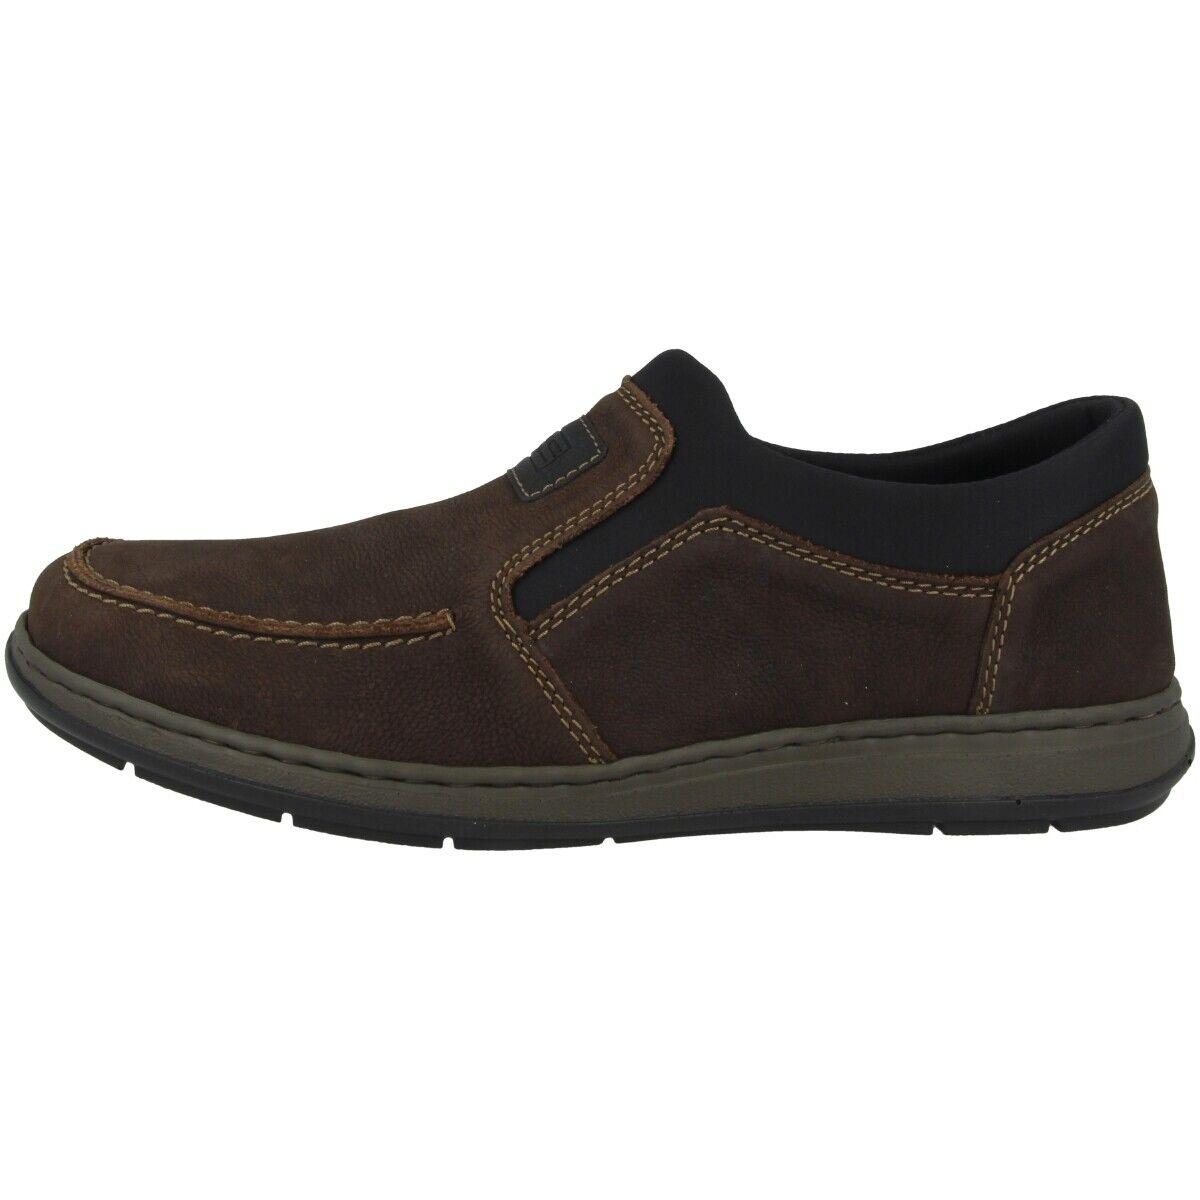 Rieker paso-Namur-Scuba Men zapatos caballero zapatos abotinados Slipper marrón 17350-25